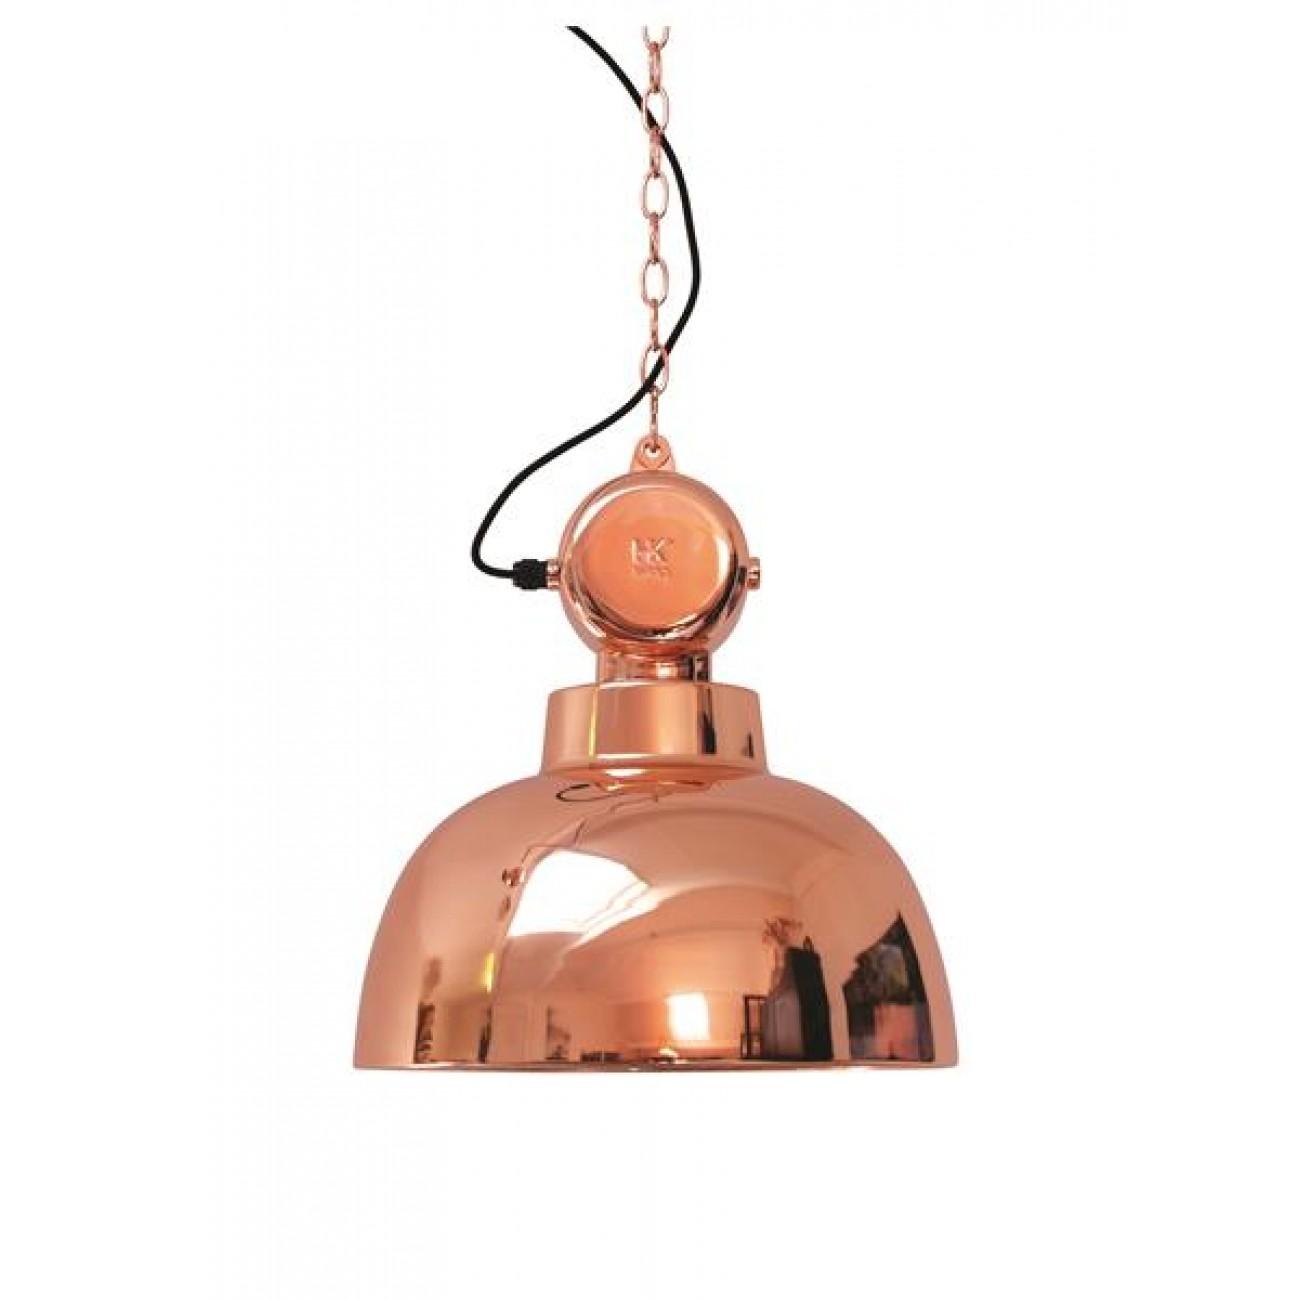 Hängeleuchte Fabrikart, Pendelleuchte Kupfer Industriedesign, Ø 40 cm